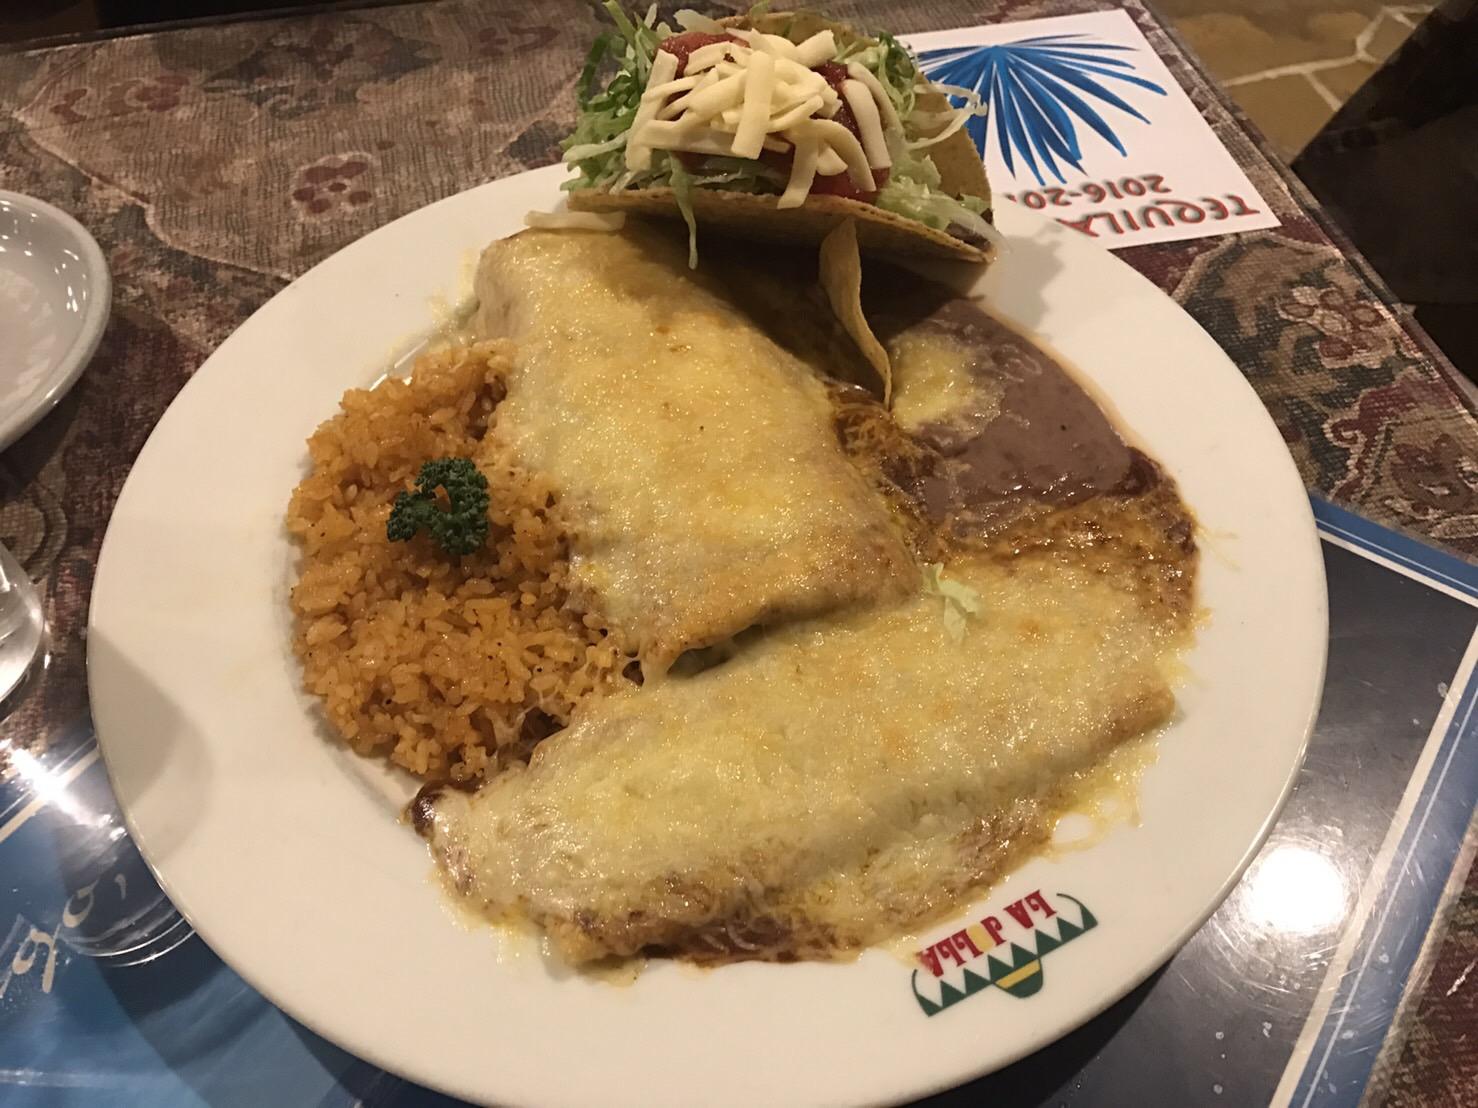 Burrito, taco, enchilada combination